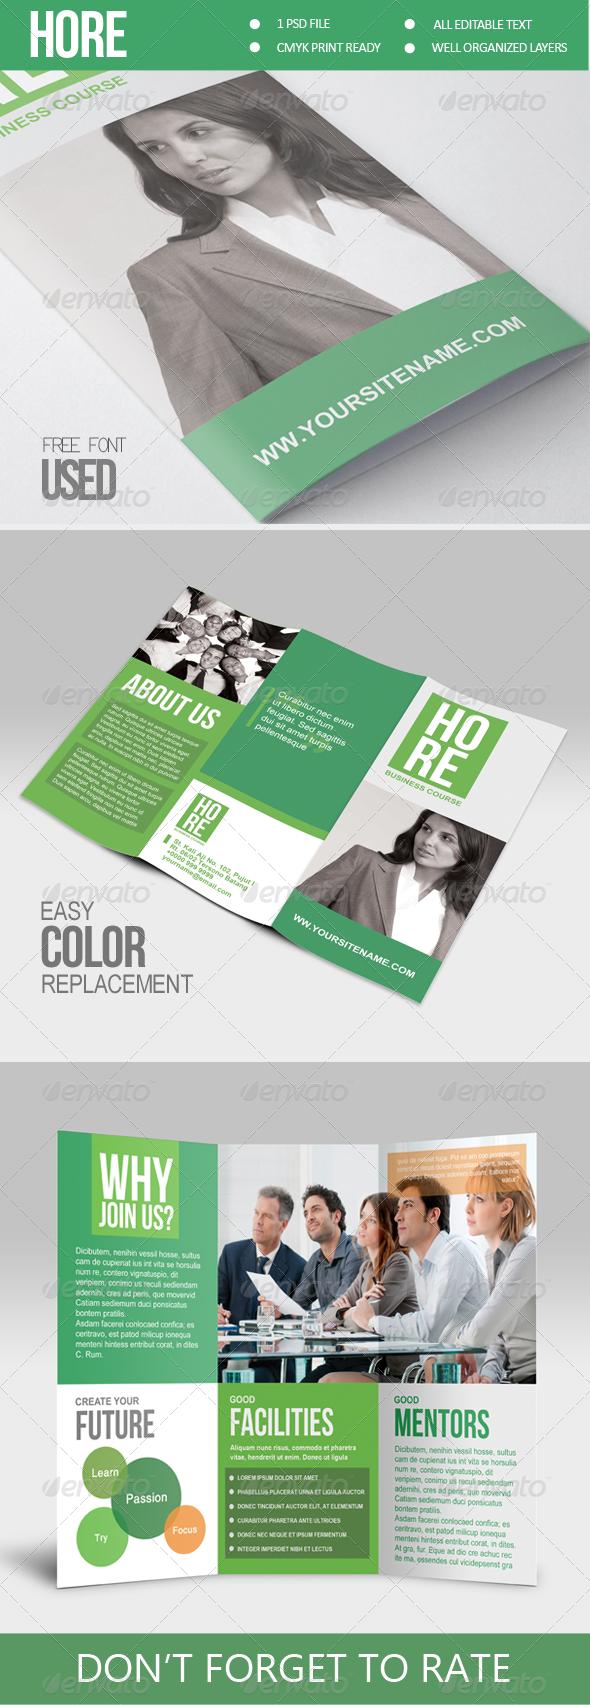 GraphicRiver Hore Multipurpose Trifold Brochure 6856163